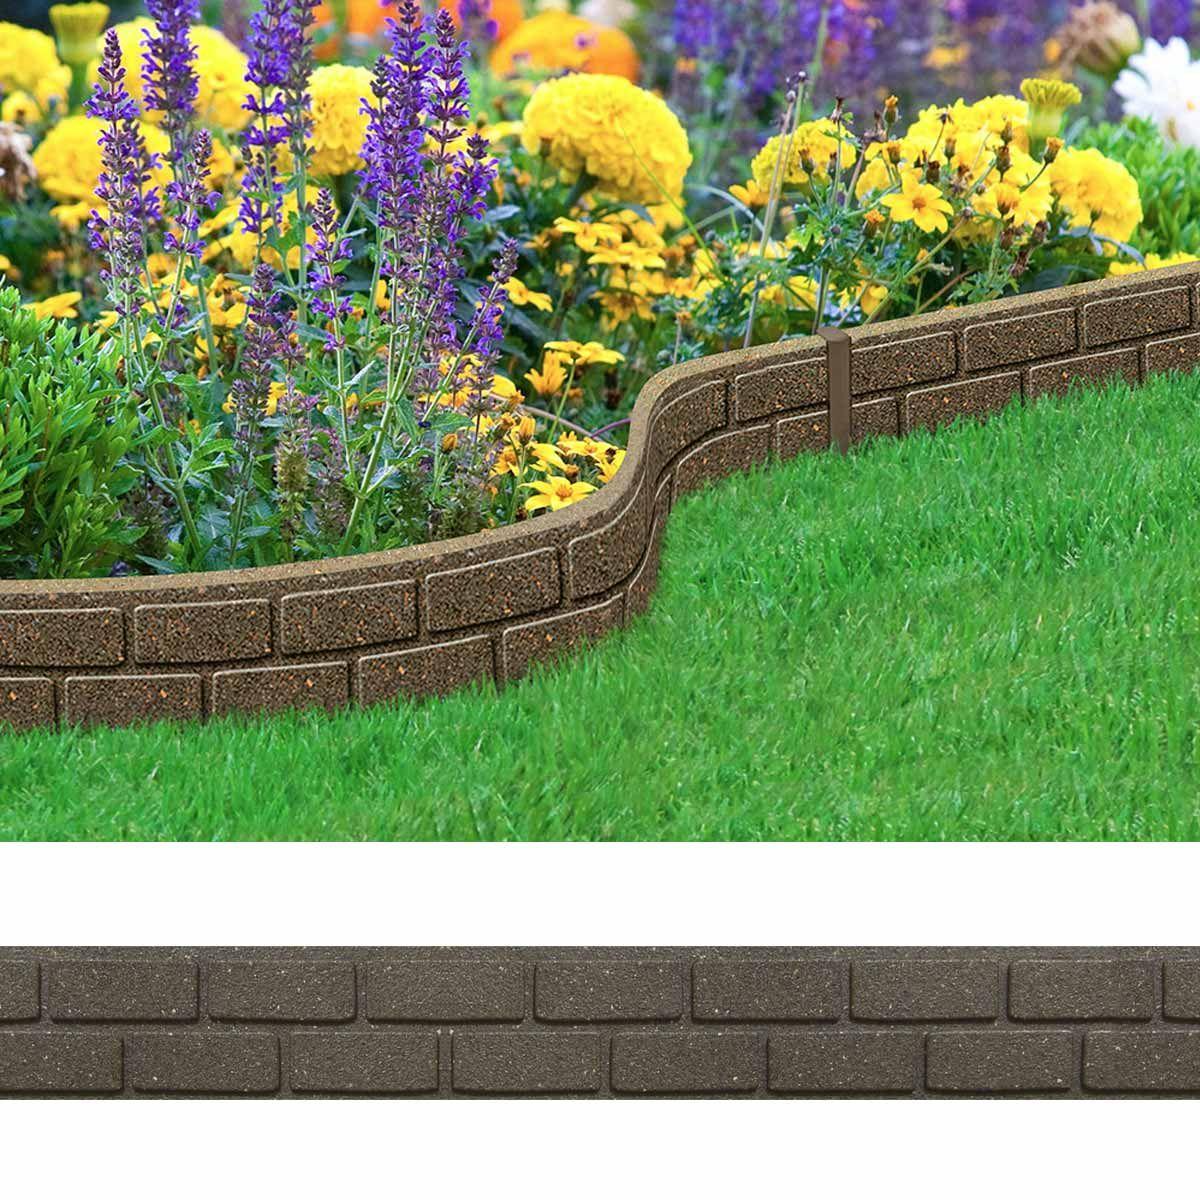 Bordure De Jardin Effet Briques 120Cm - Caoutchouc Recyclé ... encequiconcerne Bordure De Jardin Special Tondeuse